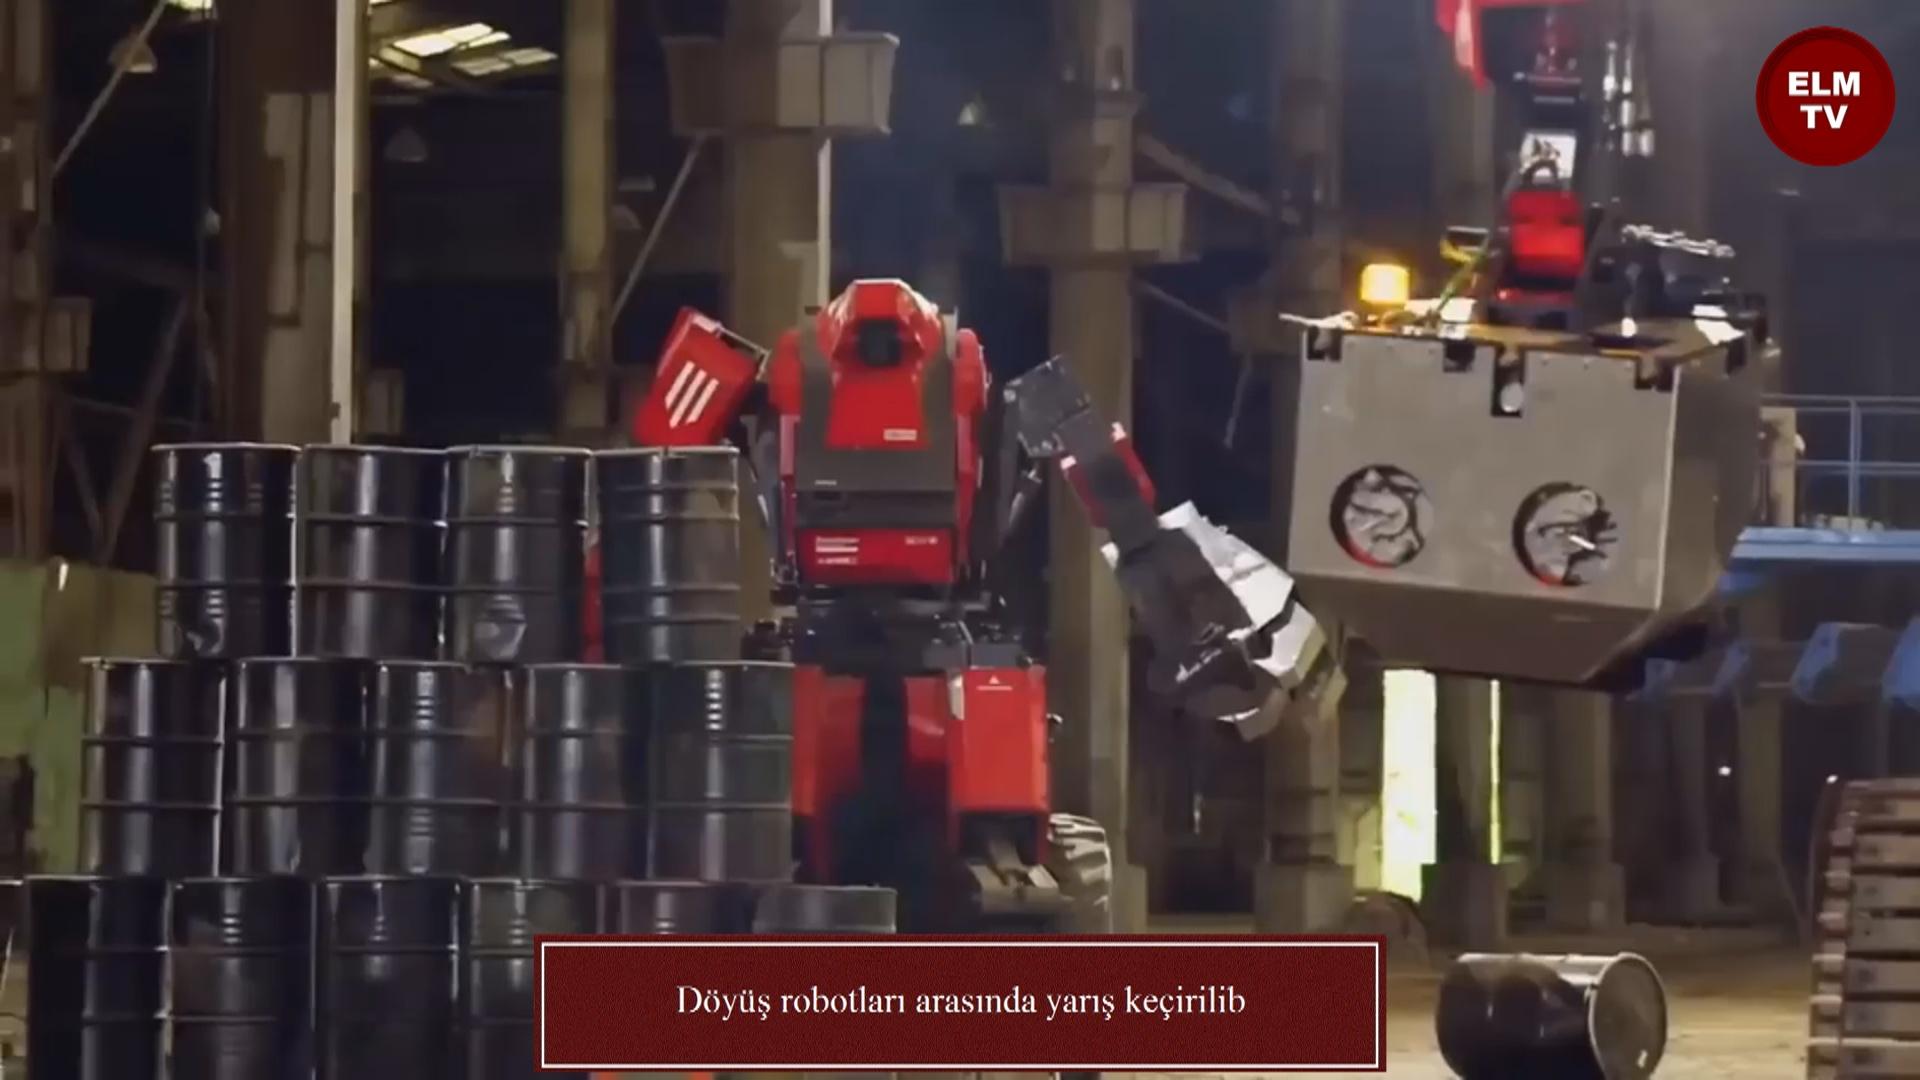 Döyüş robotları arasında yarış keçirilib